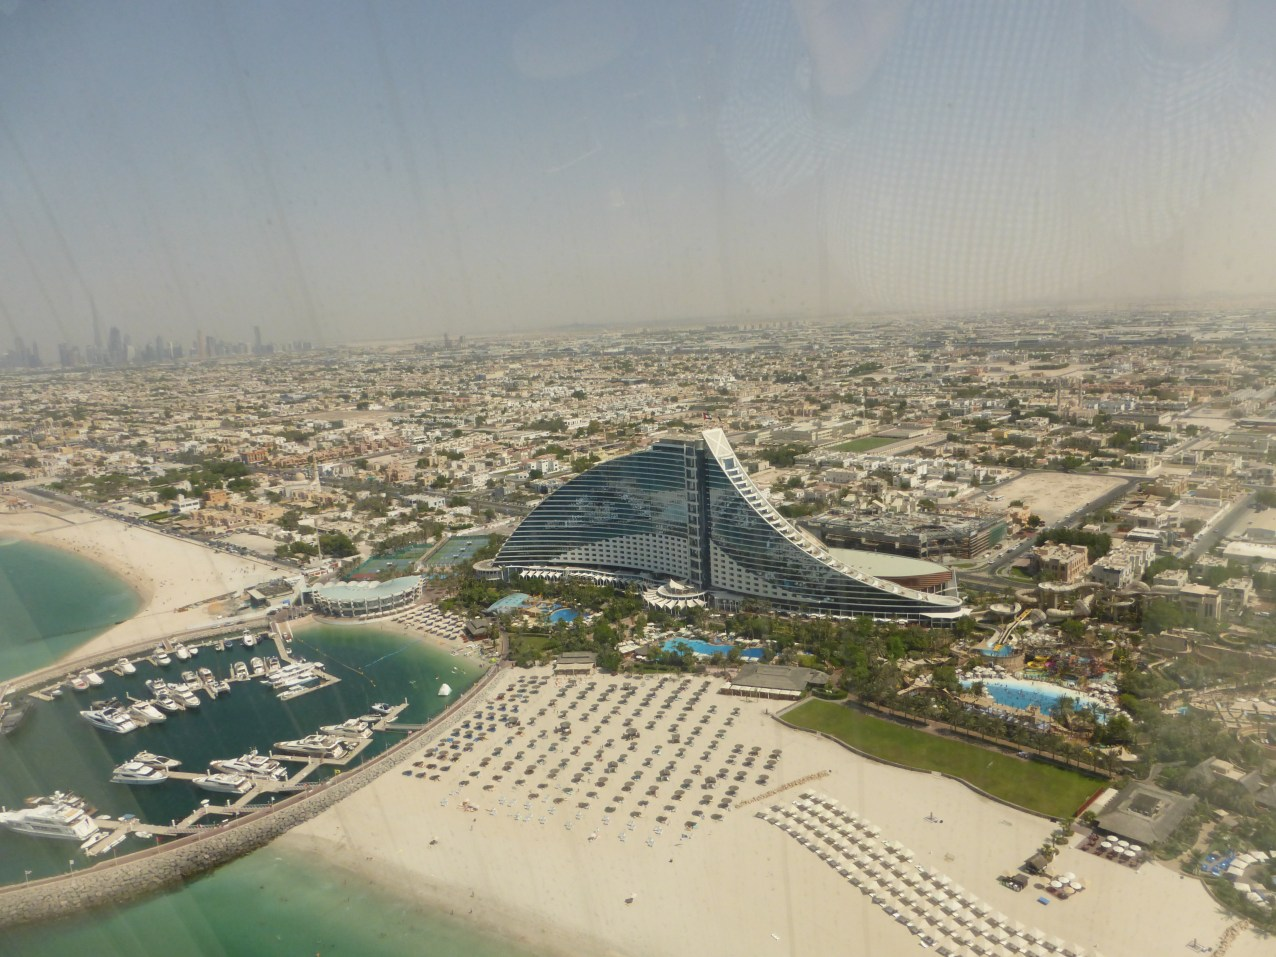 View of Jumeirah Beach Hotel from the Burj Al Arab